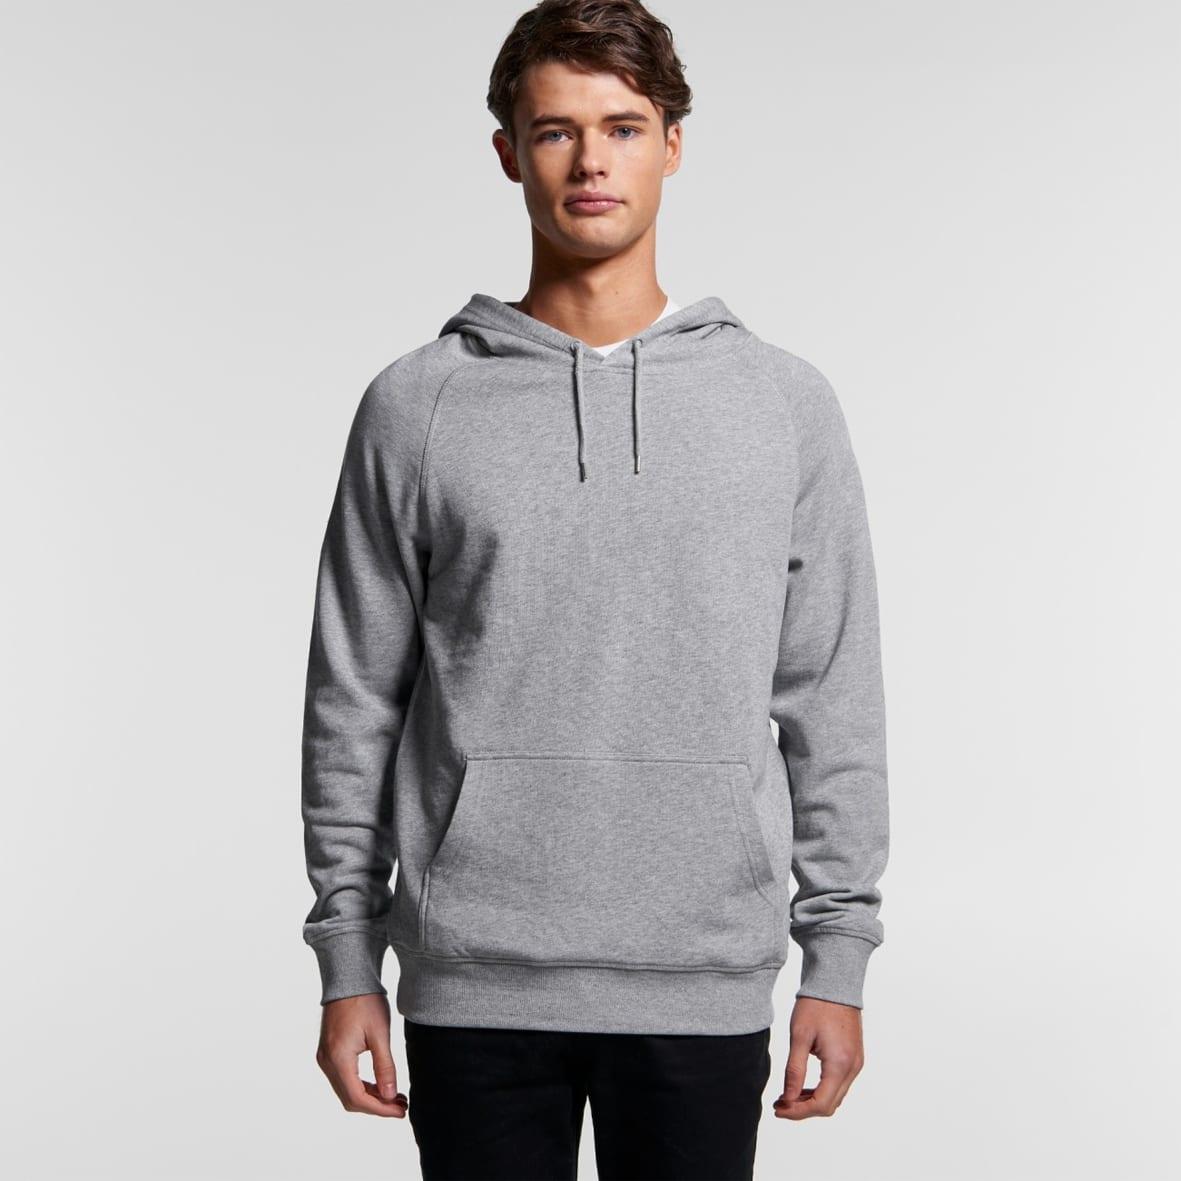 AS 5120 Men's Premium Hood